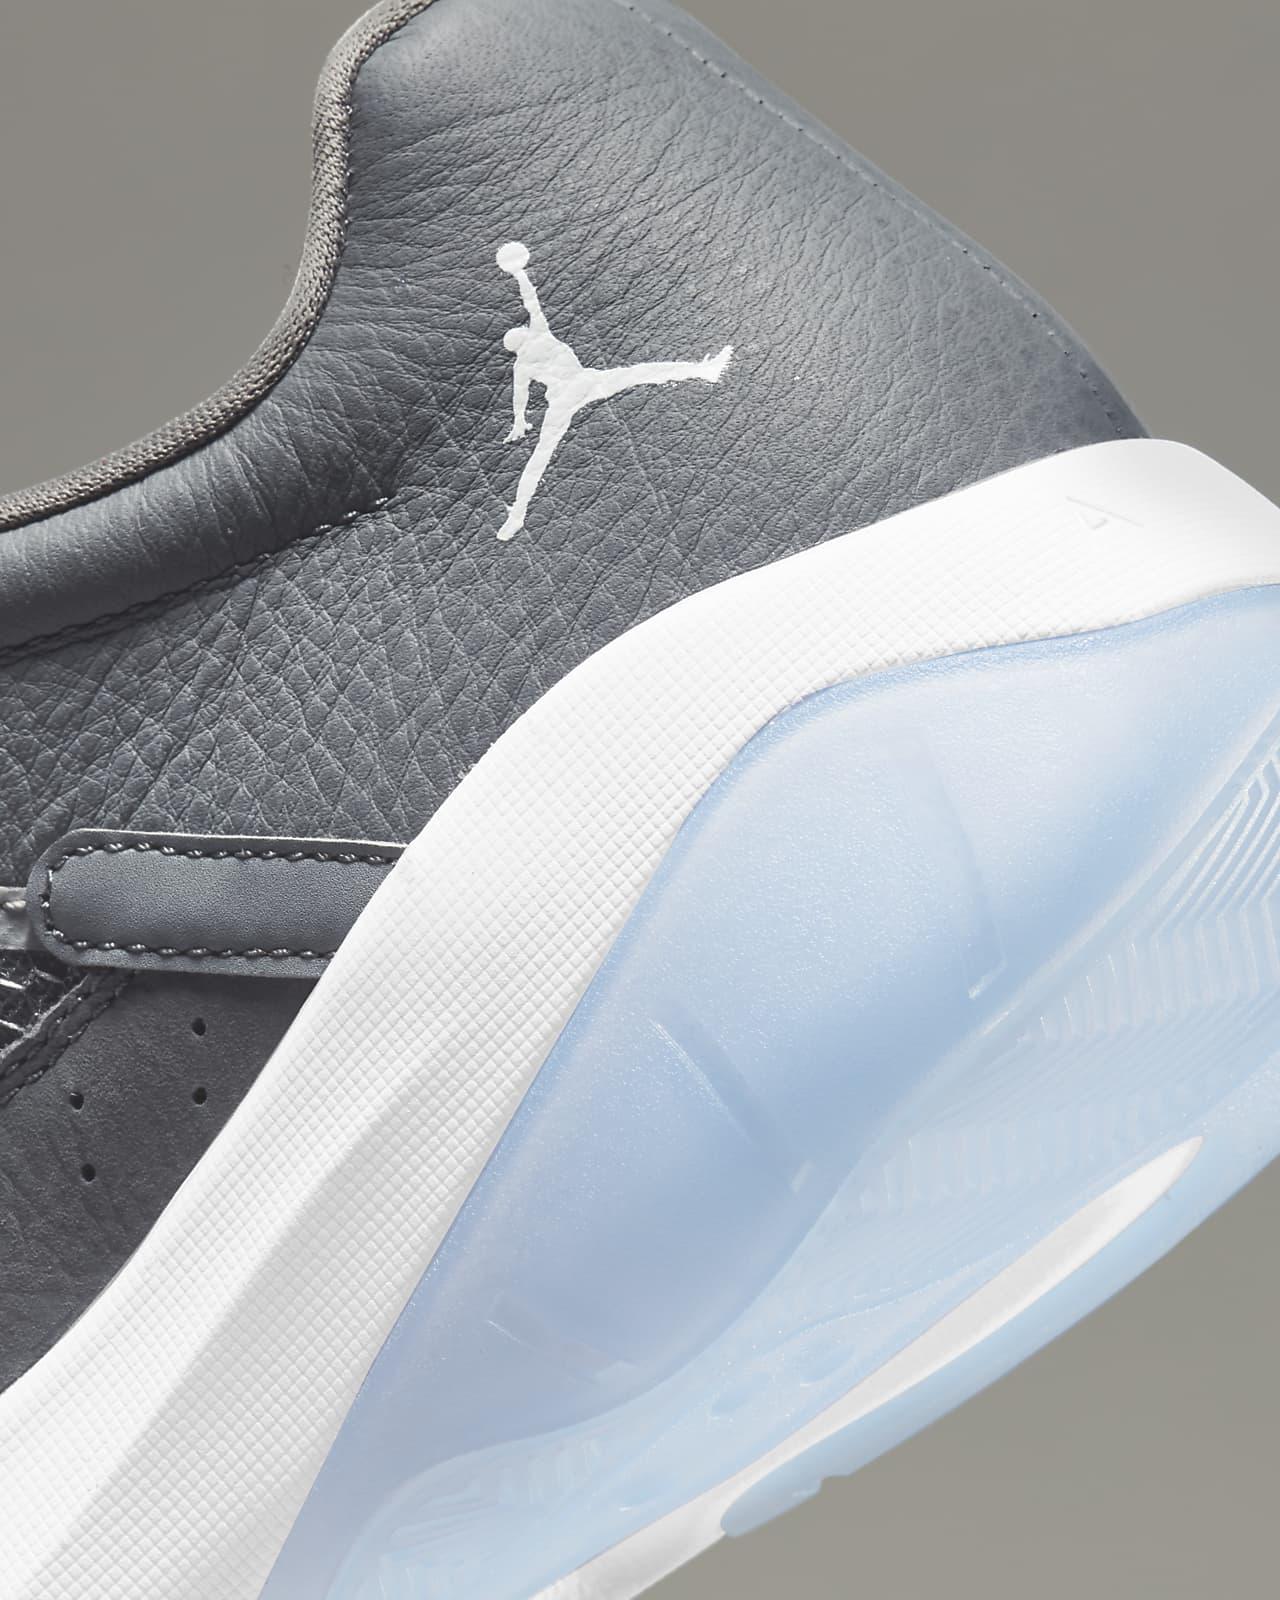 Air Jordan 11 CMFT Low Men's Shoe